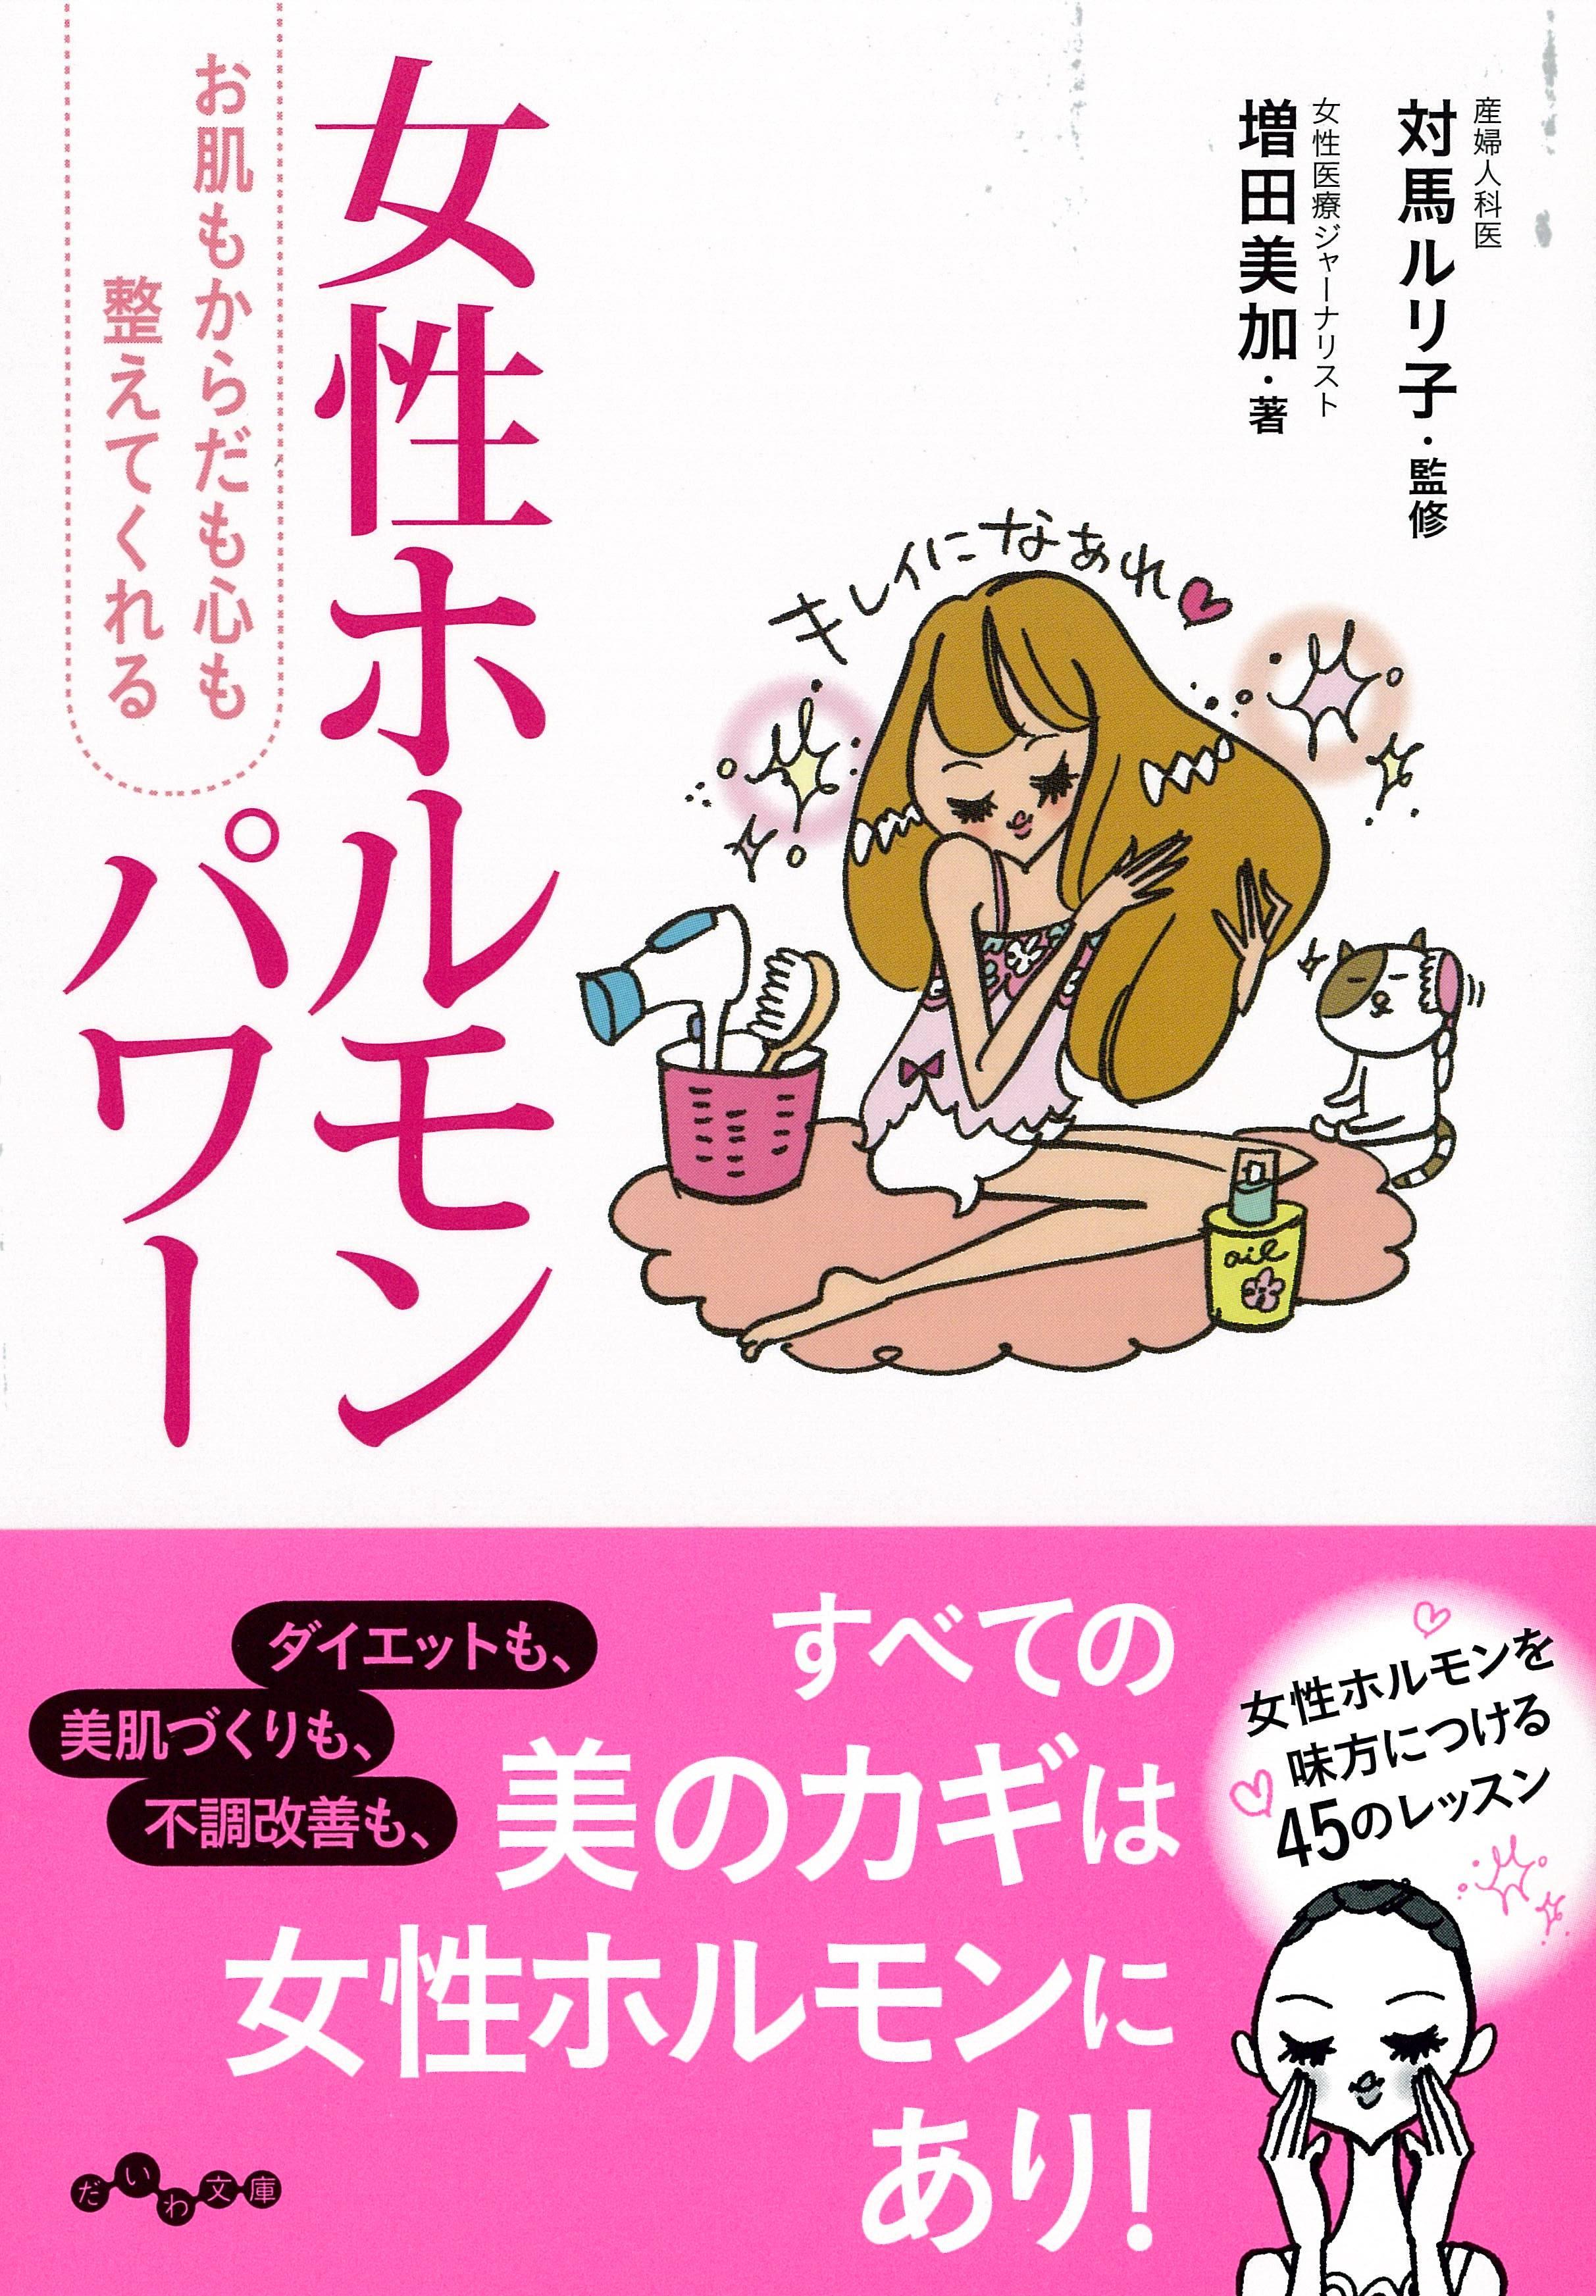 『女性ホルモンパワー』(だいわ文庫)